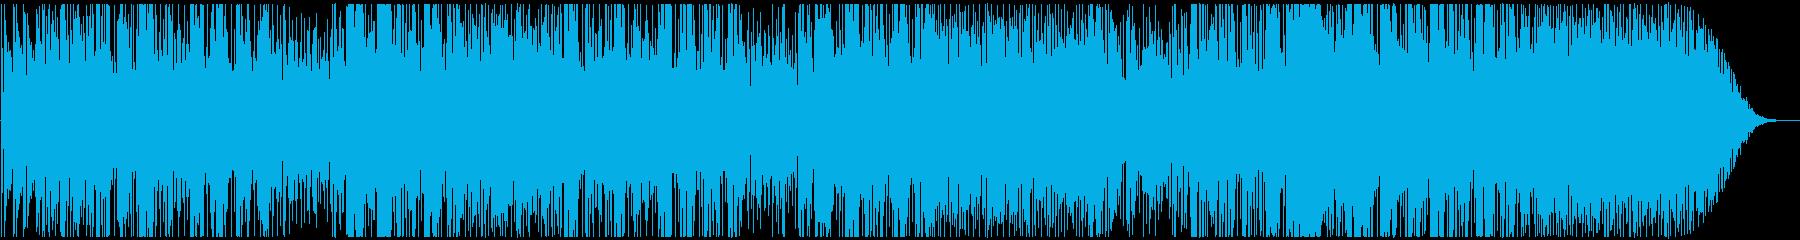 心の古傷を恐れぬ愛の力/60年代風ソウルの再生済みの波形